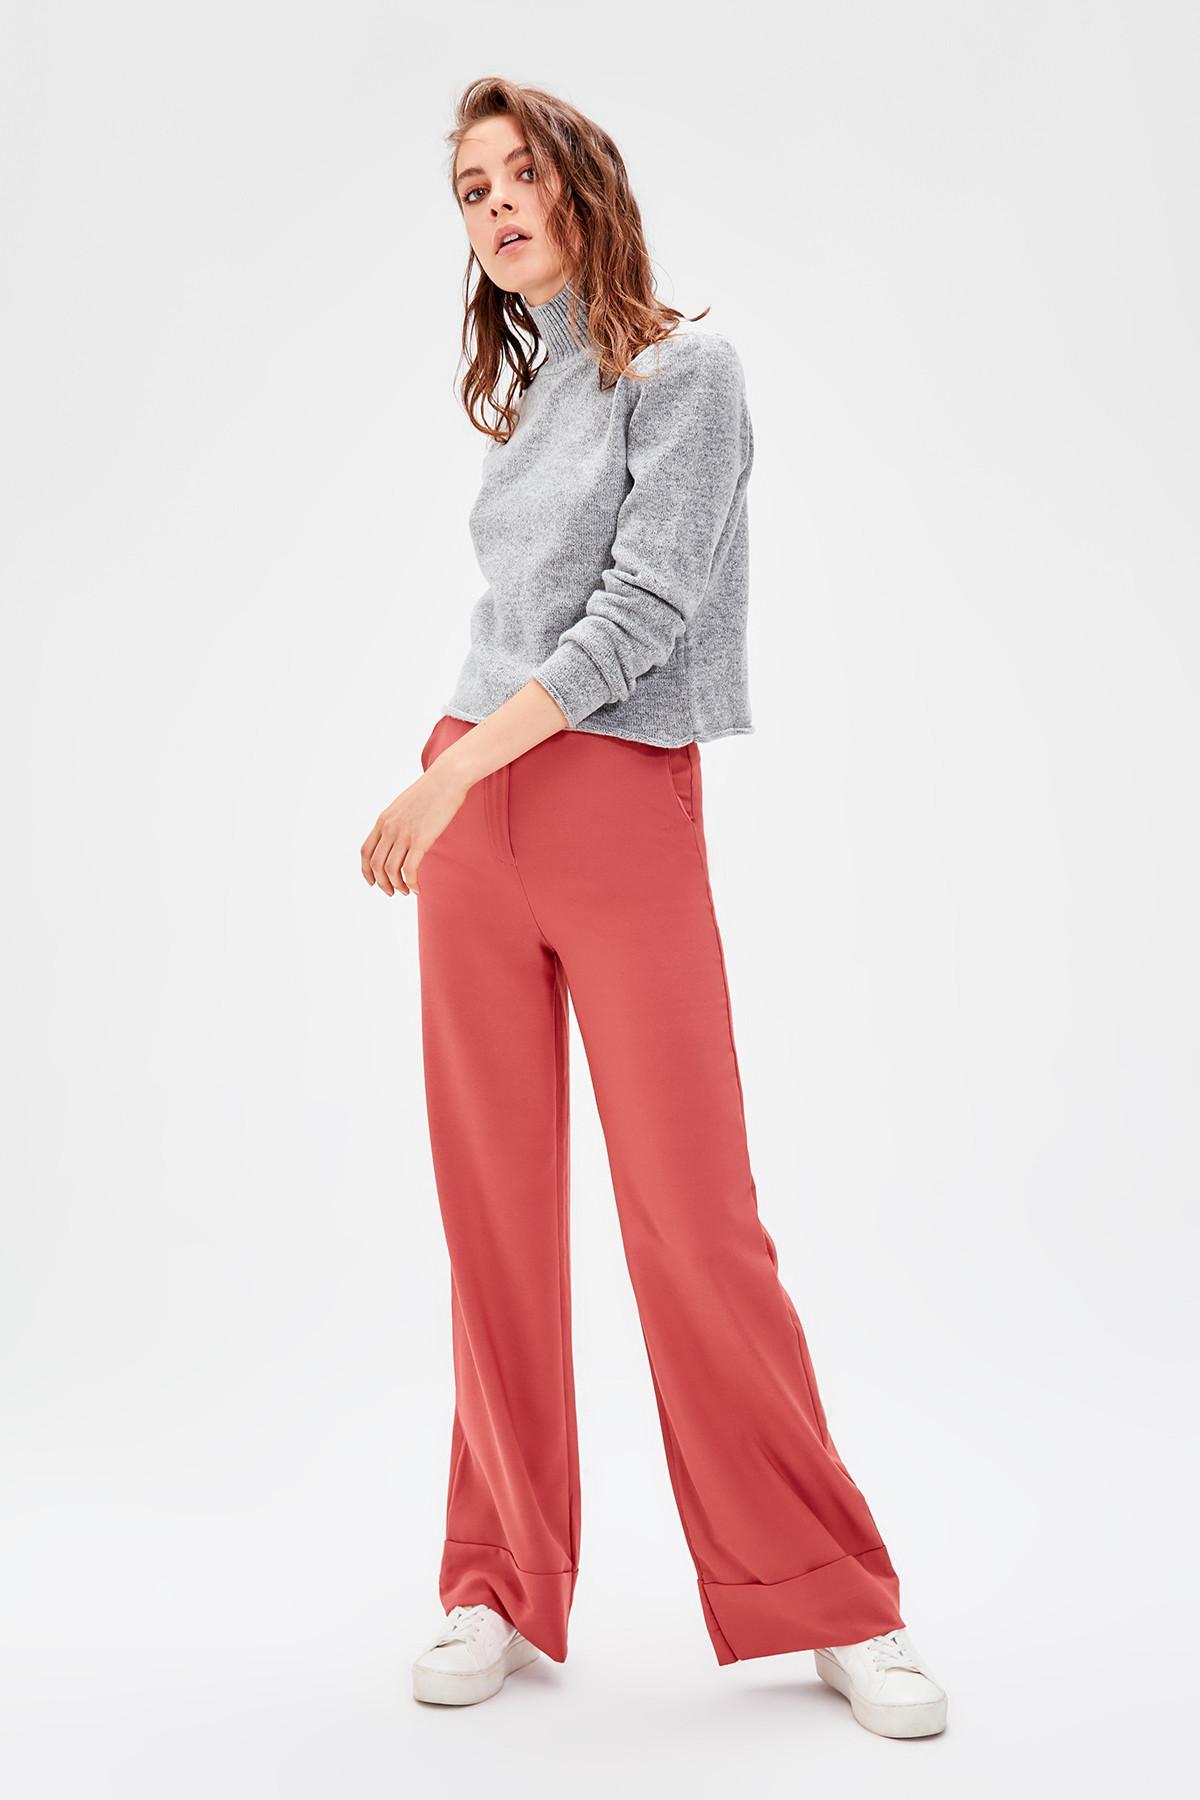 Trendyol Cinnamon Spanish Bell-Bottomed Pants TWOSS19ST0179